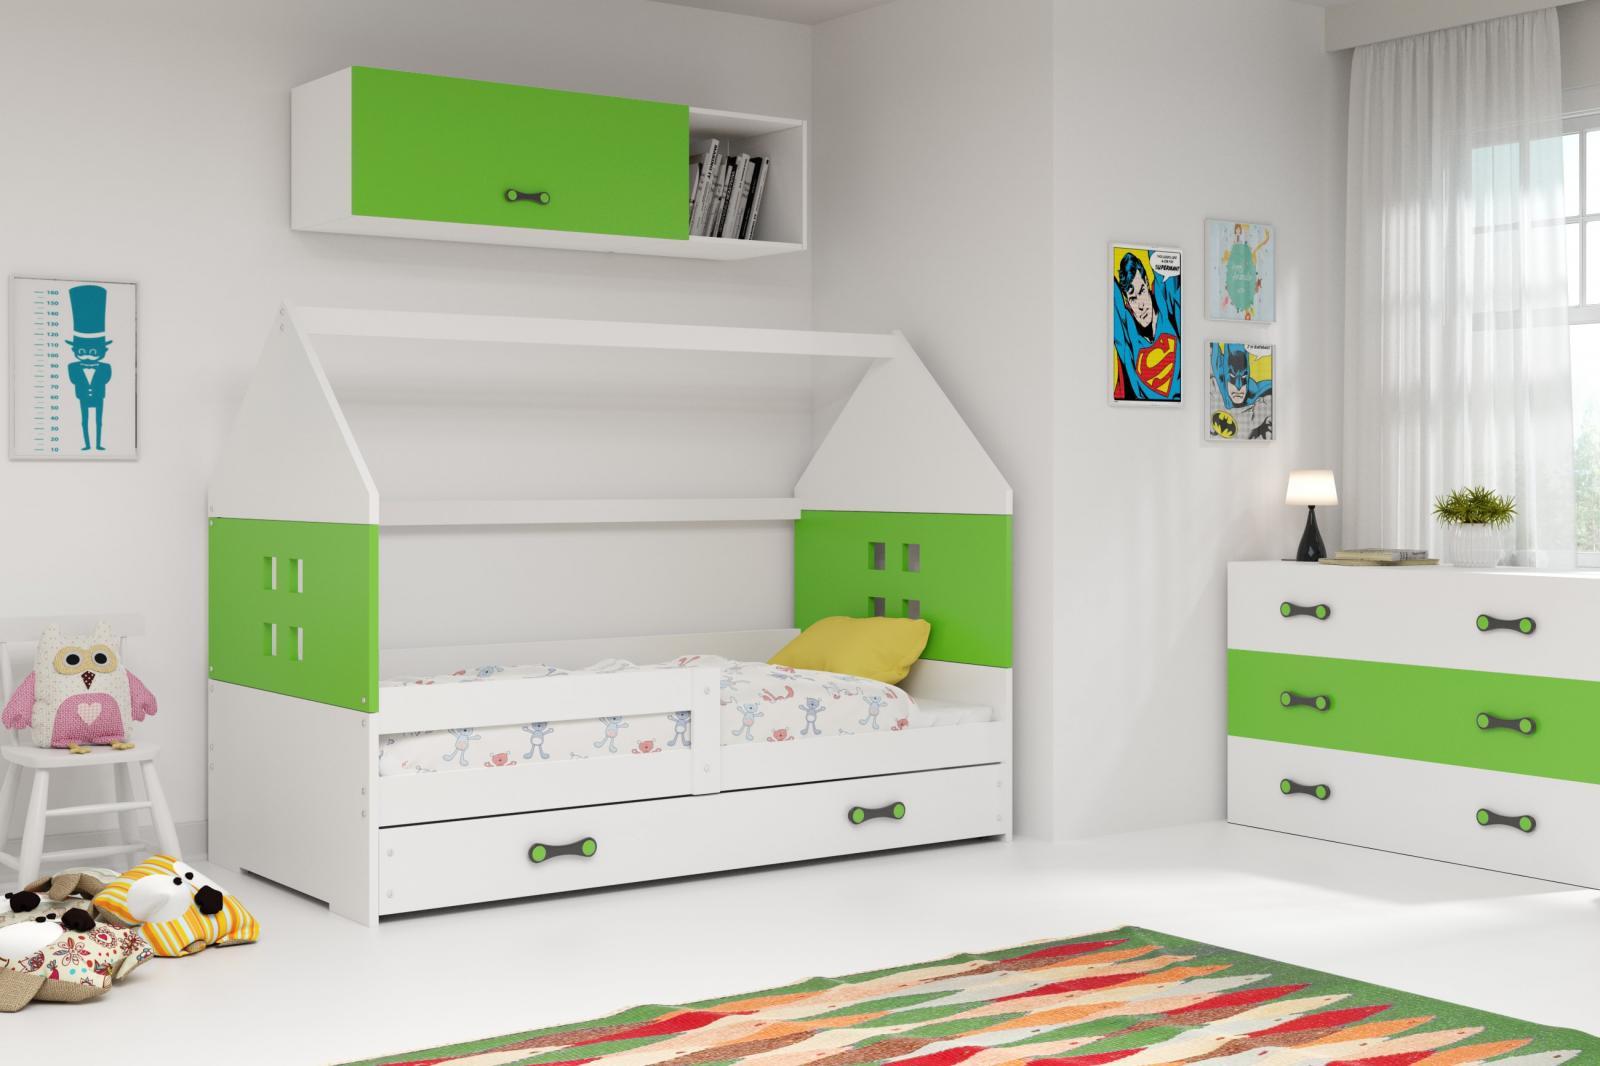 Dětská postel Dominik 80x160 bílá/zelená